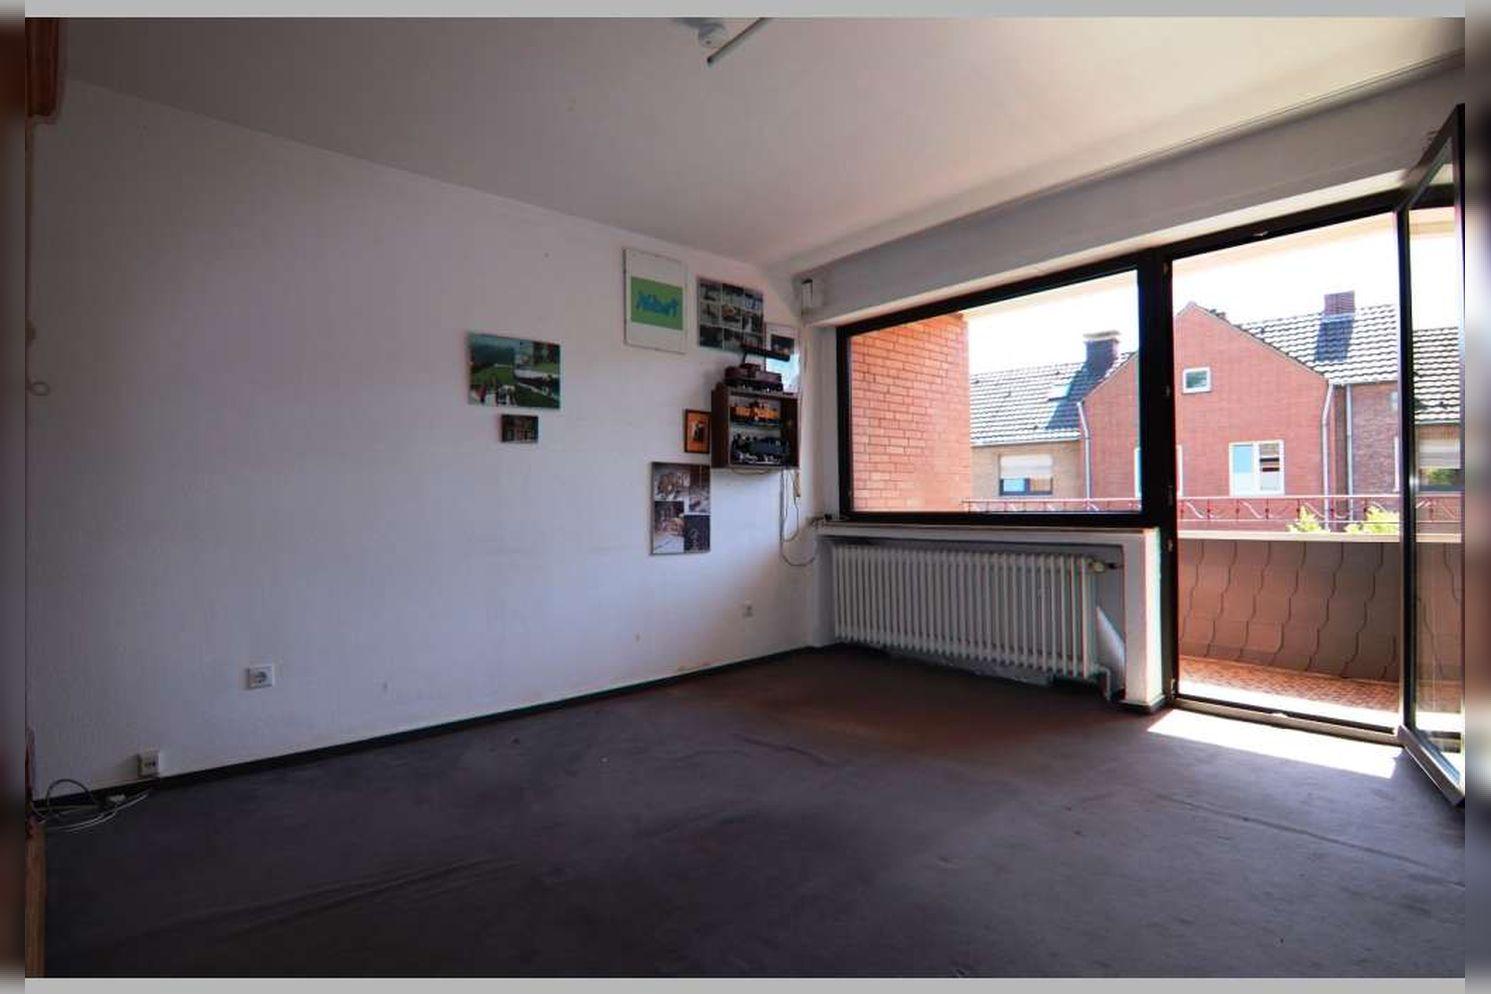 Immobilie Nr.0268 - Reihenmittelhaus mit 4 Zimmern, Küche, Diele, Badezimmer, Gäste-WC, Garten, Garage und Stellplätzen - Bild 13.jpg